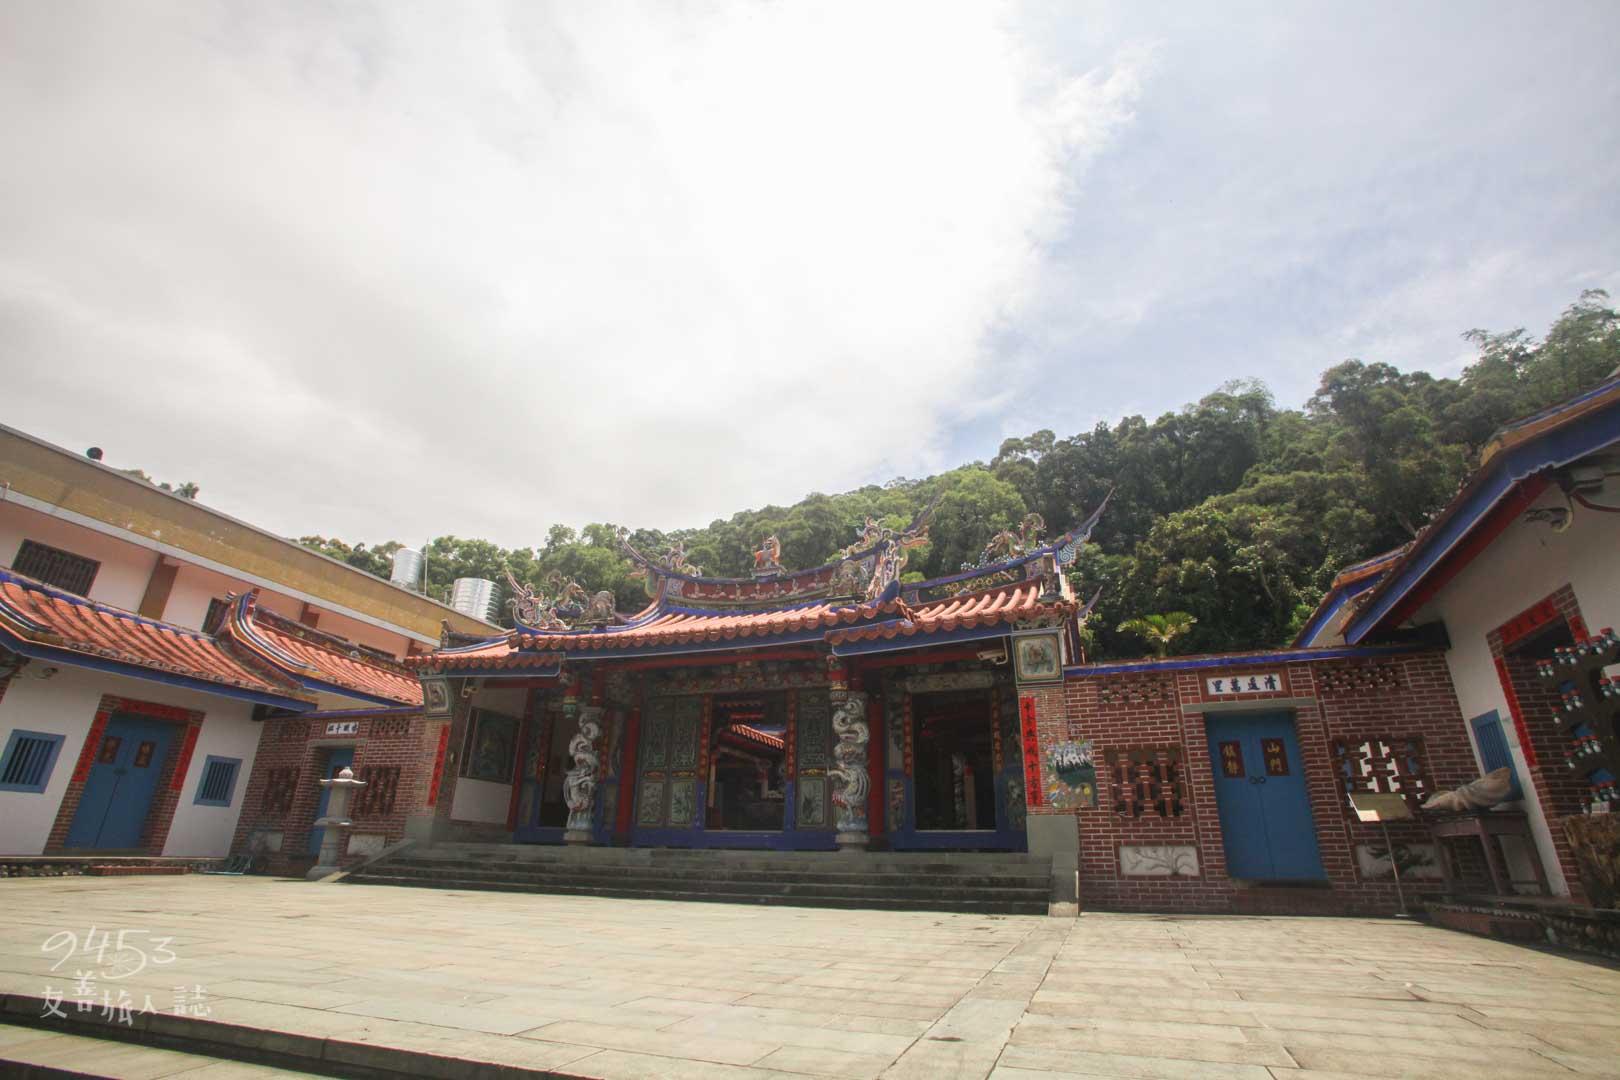 彰化清水岩寺外觀